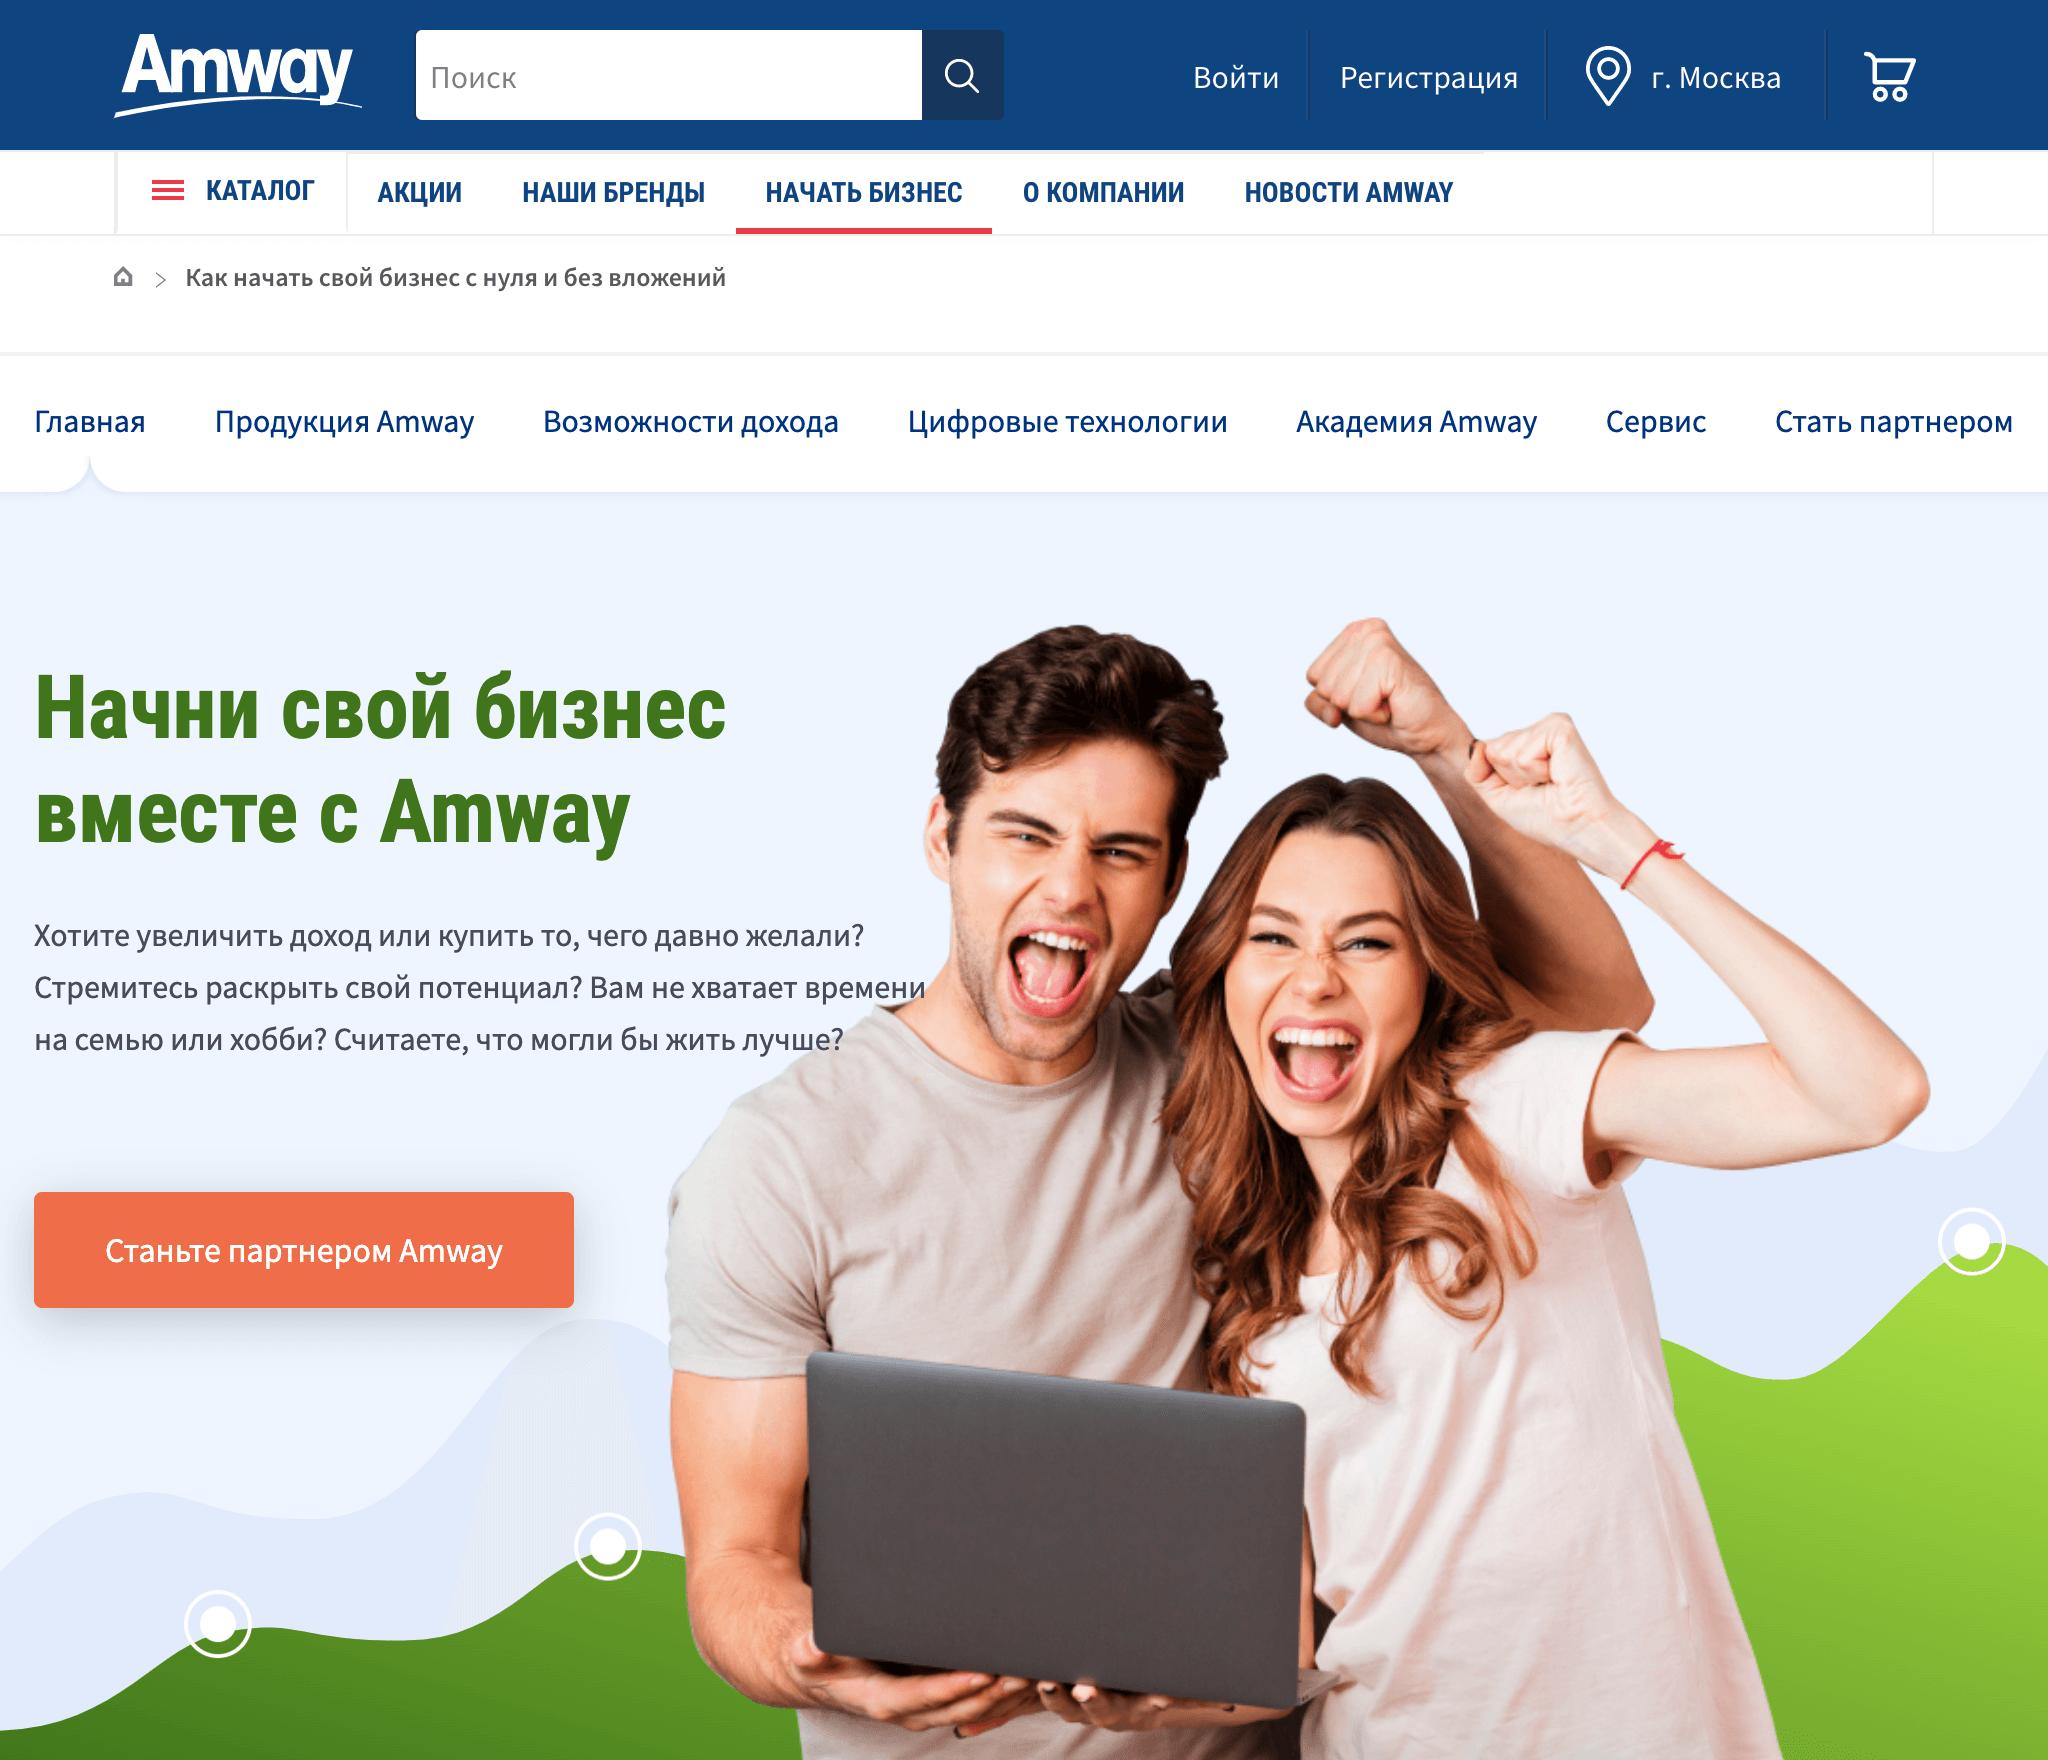 Компания «Амвэй» продает косметику, товары для здоровья ибытовую химию через бесконечно ветвящуюся сеть представителей. Почти вкаждой среднерусской семье кто-то когда-то встречался спредставителем «Амвэй»